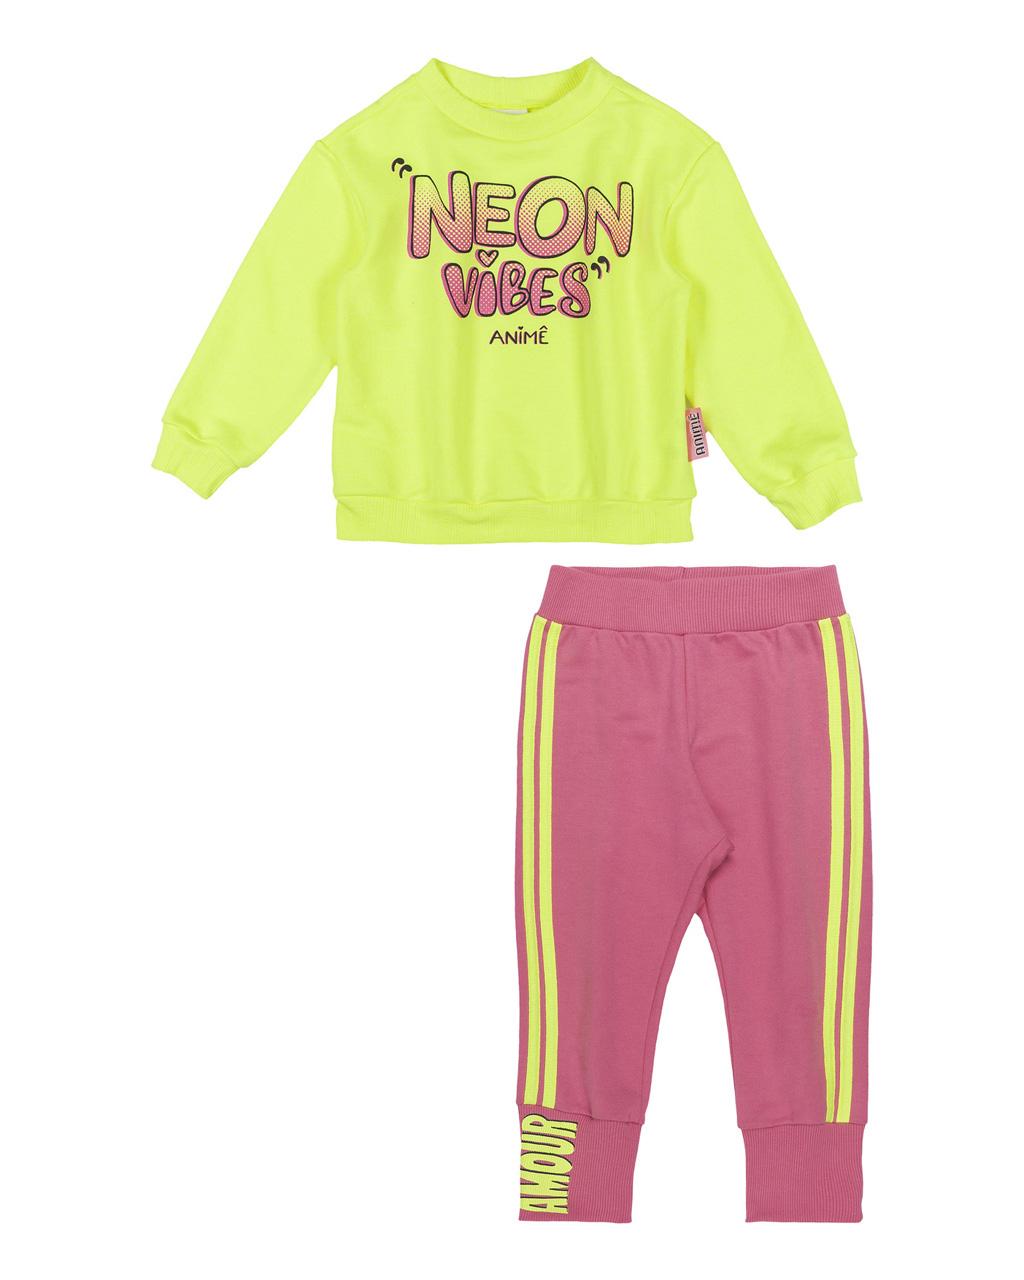 Conjunto Infantil Blusão Moletom Amarelo Neon e Calça Jogging Moletom Animê